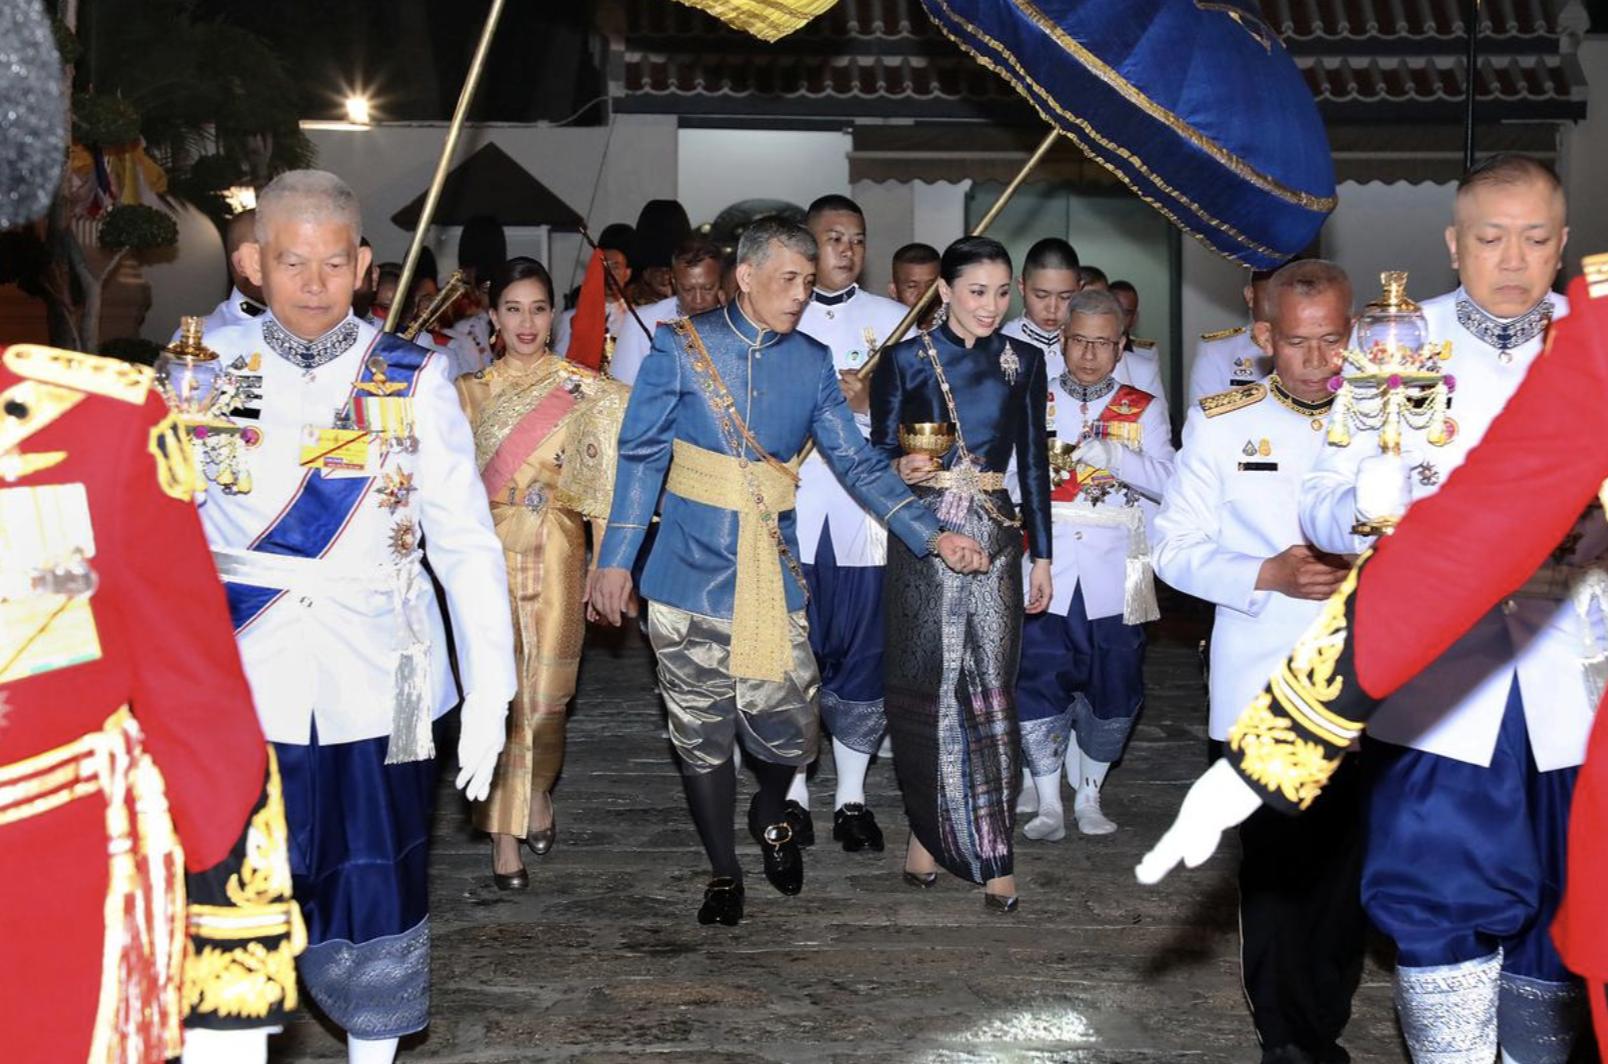 Tranh cãi về chú mèo xuất hiện trong lễ đăng quang của nhà vua Thái Lan - Ảnh 2.